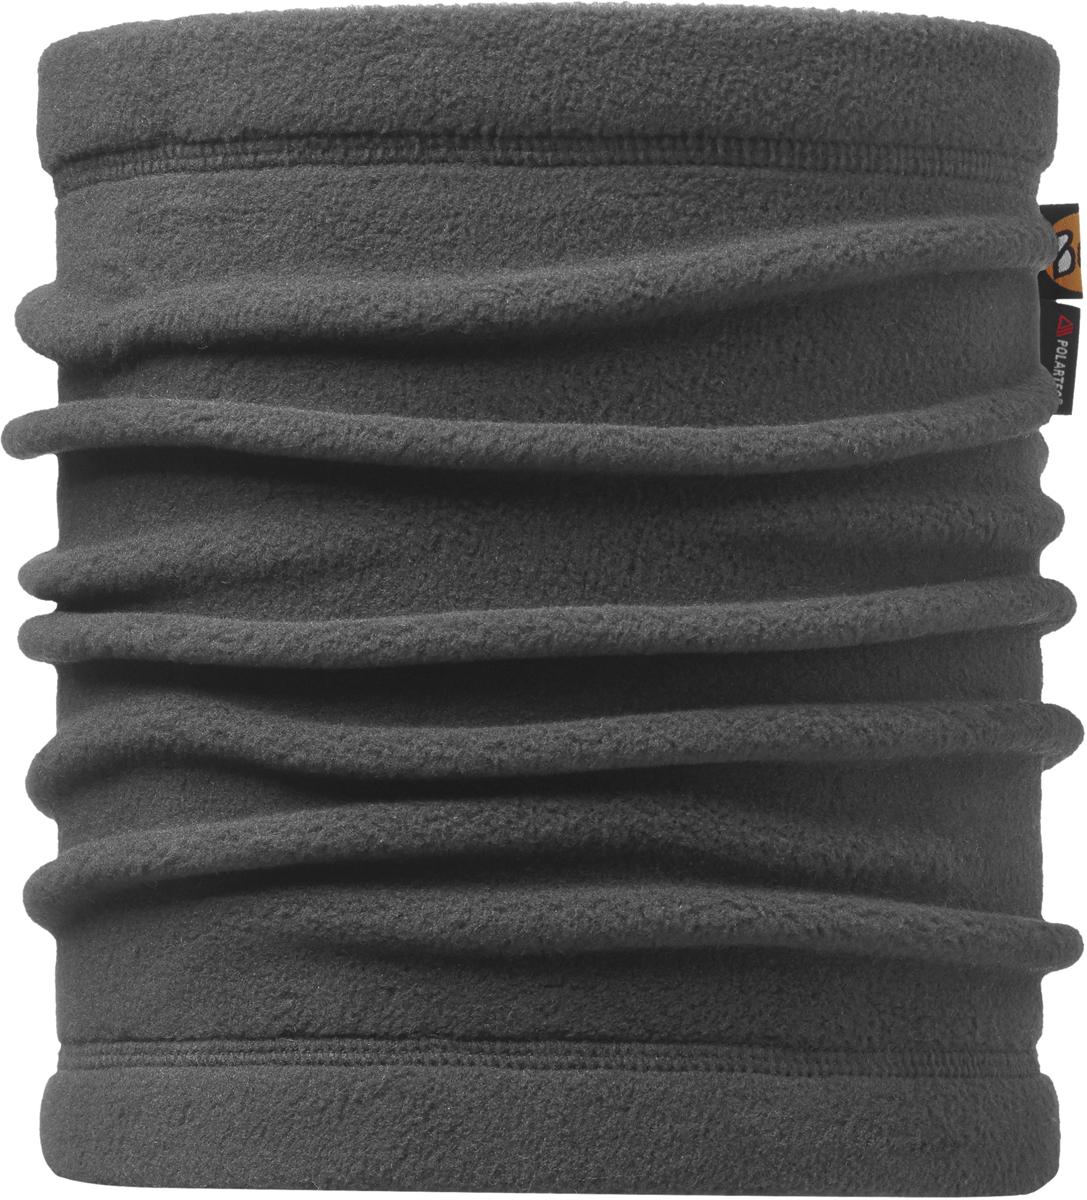 Шарф Buff Polar, цвет: серый. 113125.937.10.00. Размер универсальный113125.937.10.00Теплая бандана-шарф из серии Polar Buff®. Polar Buff® - это бандана-труба из серии Original Buff®, пришитая к цилиндру из Polartec® Classic Fleece 100 ®. В холодную погоду Polar Buff® поддерживает нормальную температуру тела и предотвращает потерю тепла, благодаря комбинации микрофибры и Polartec®. Благодаря своей универсальности, функциональности и практичности Polar Buff завоевал огромную популярность среди людей, ее можно использовать как шапку, шарф, бандану на лицо и уши, балаклаву, маску. Неотъемлемая часть зимней одежды, подходит для любой активности в холодное время года.